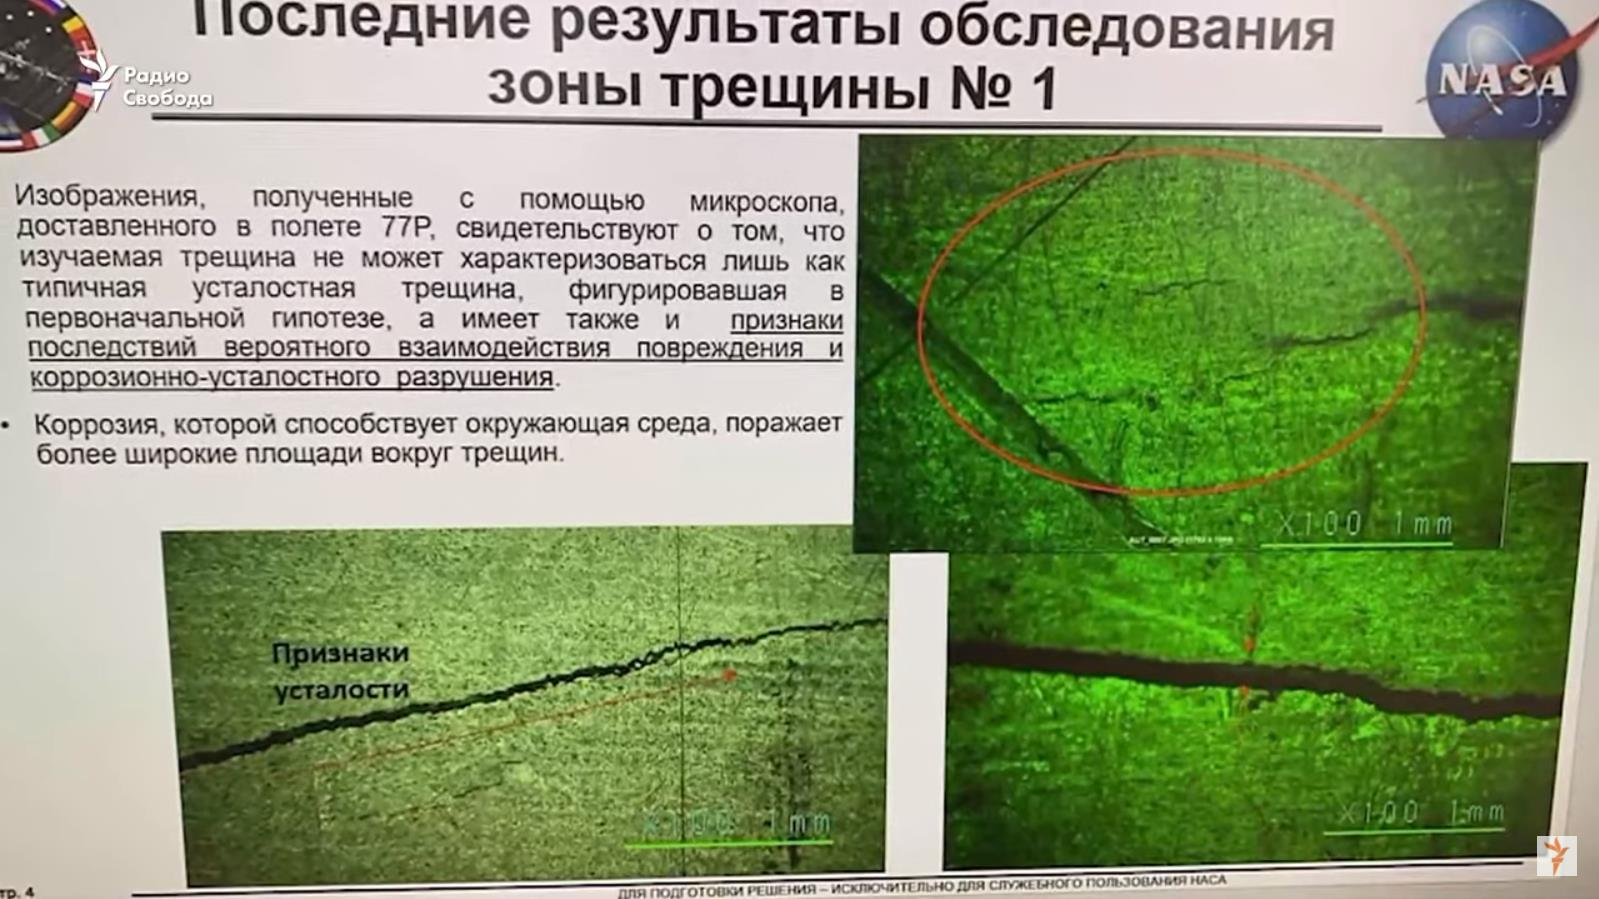 Une fuite d'air dans l'ISS - Page 5 Scre1849